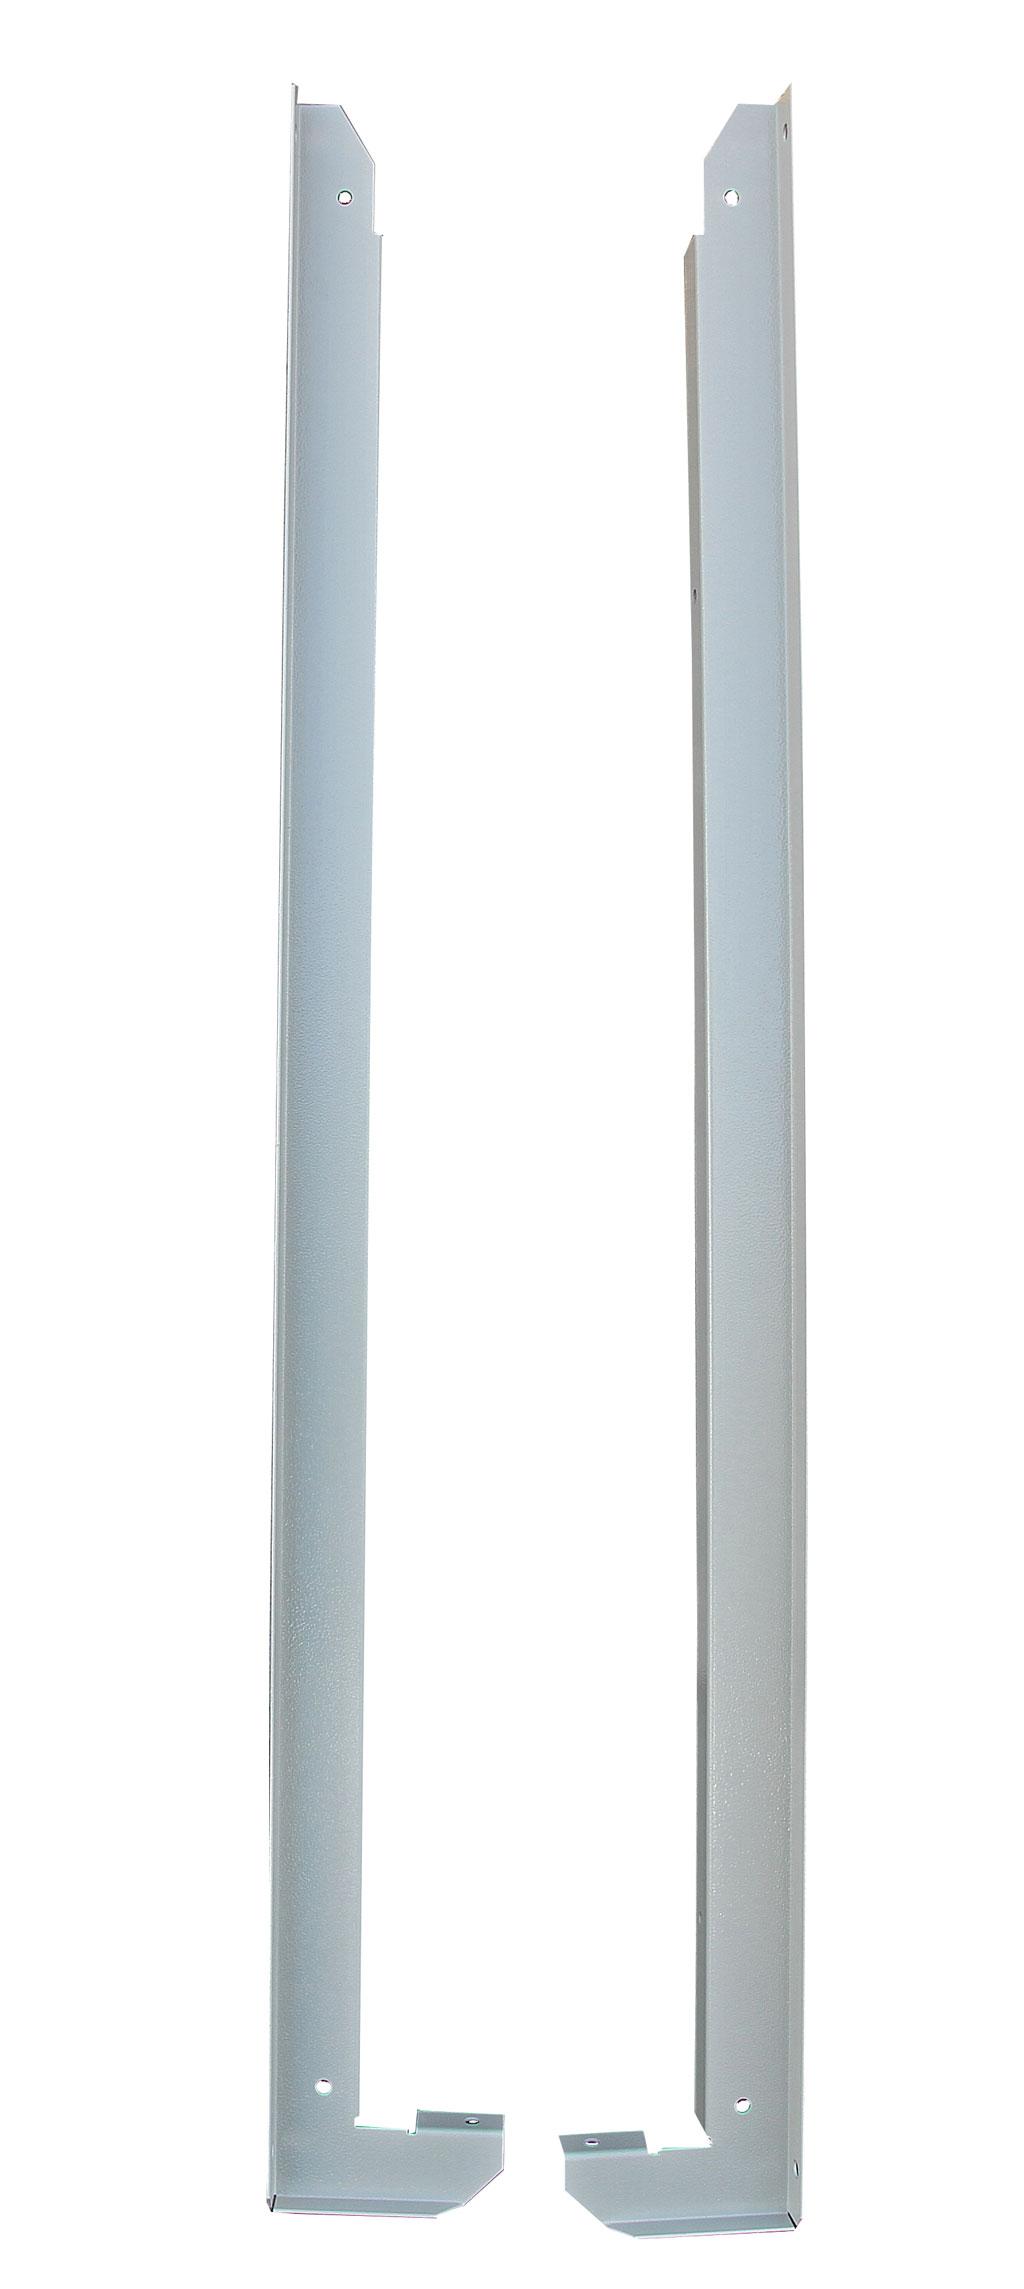 Komplett-Vaggfaste-till-dubbelvaggiga-aluminiumsskap-1600mm-hog